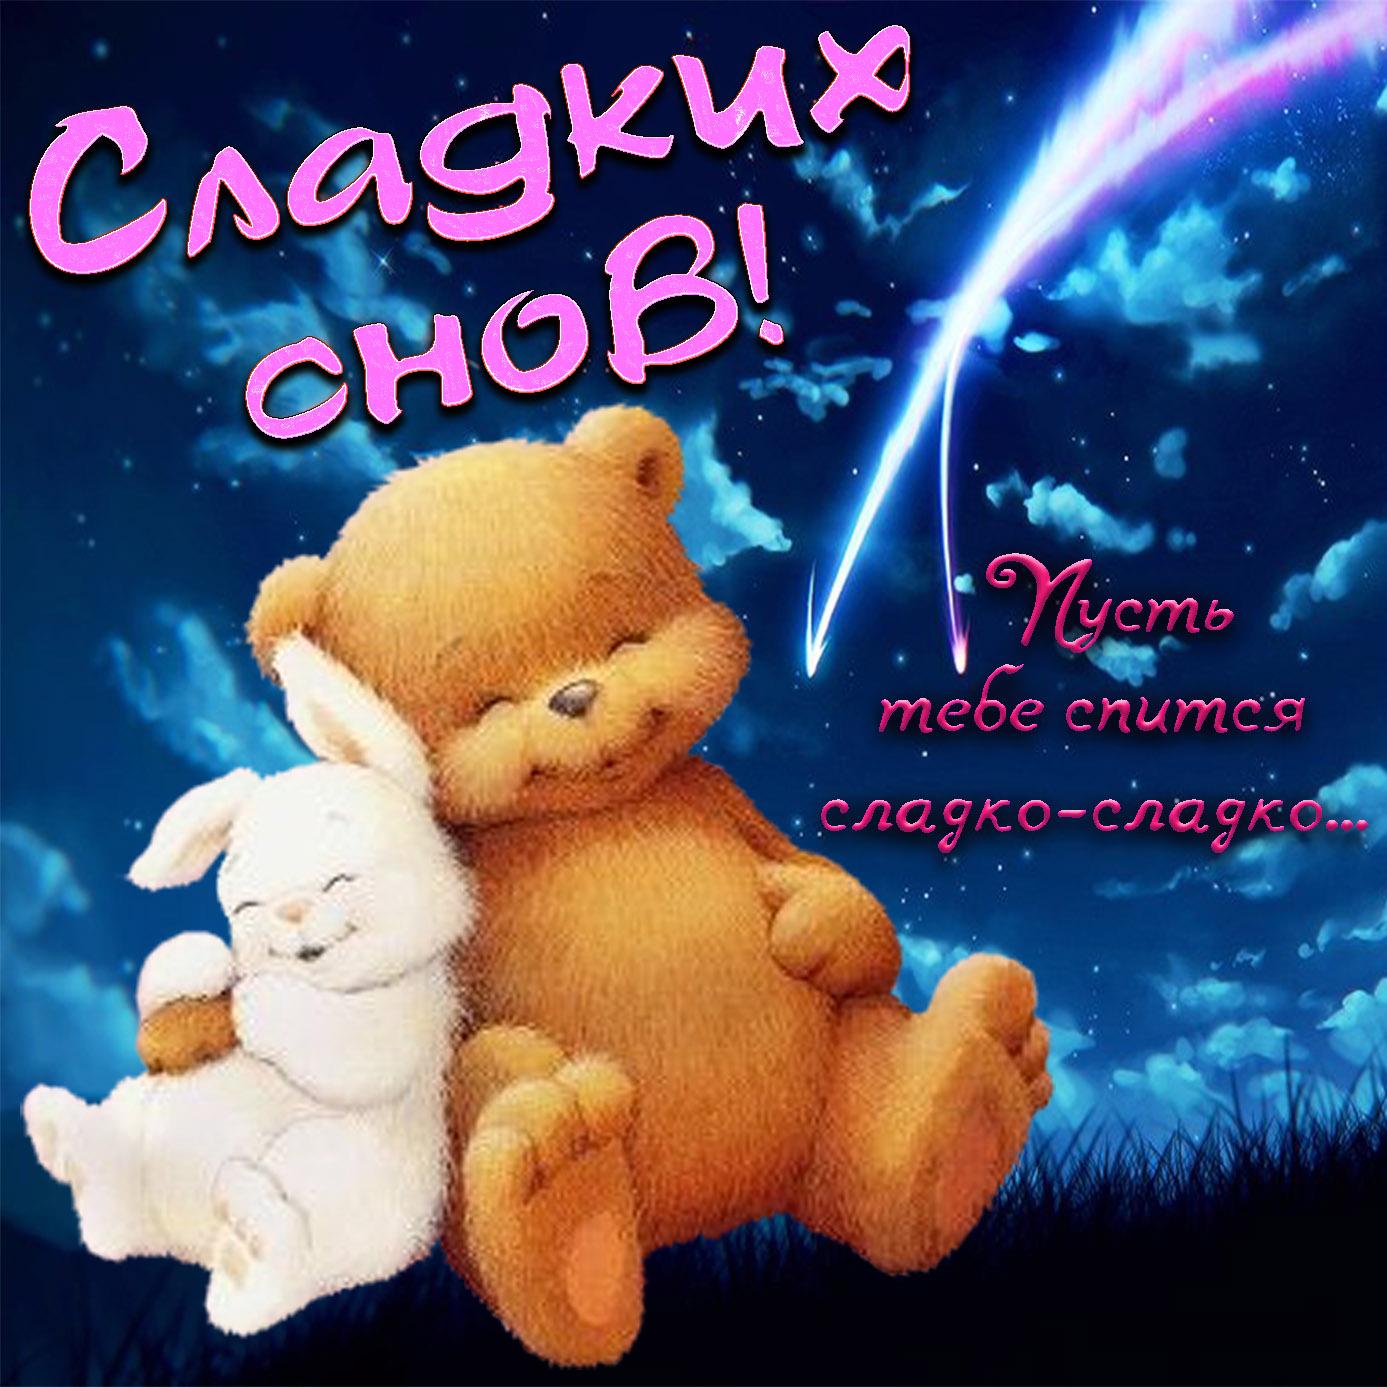 Картинка с мишкой и цветами доброй ночи